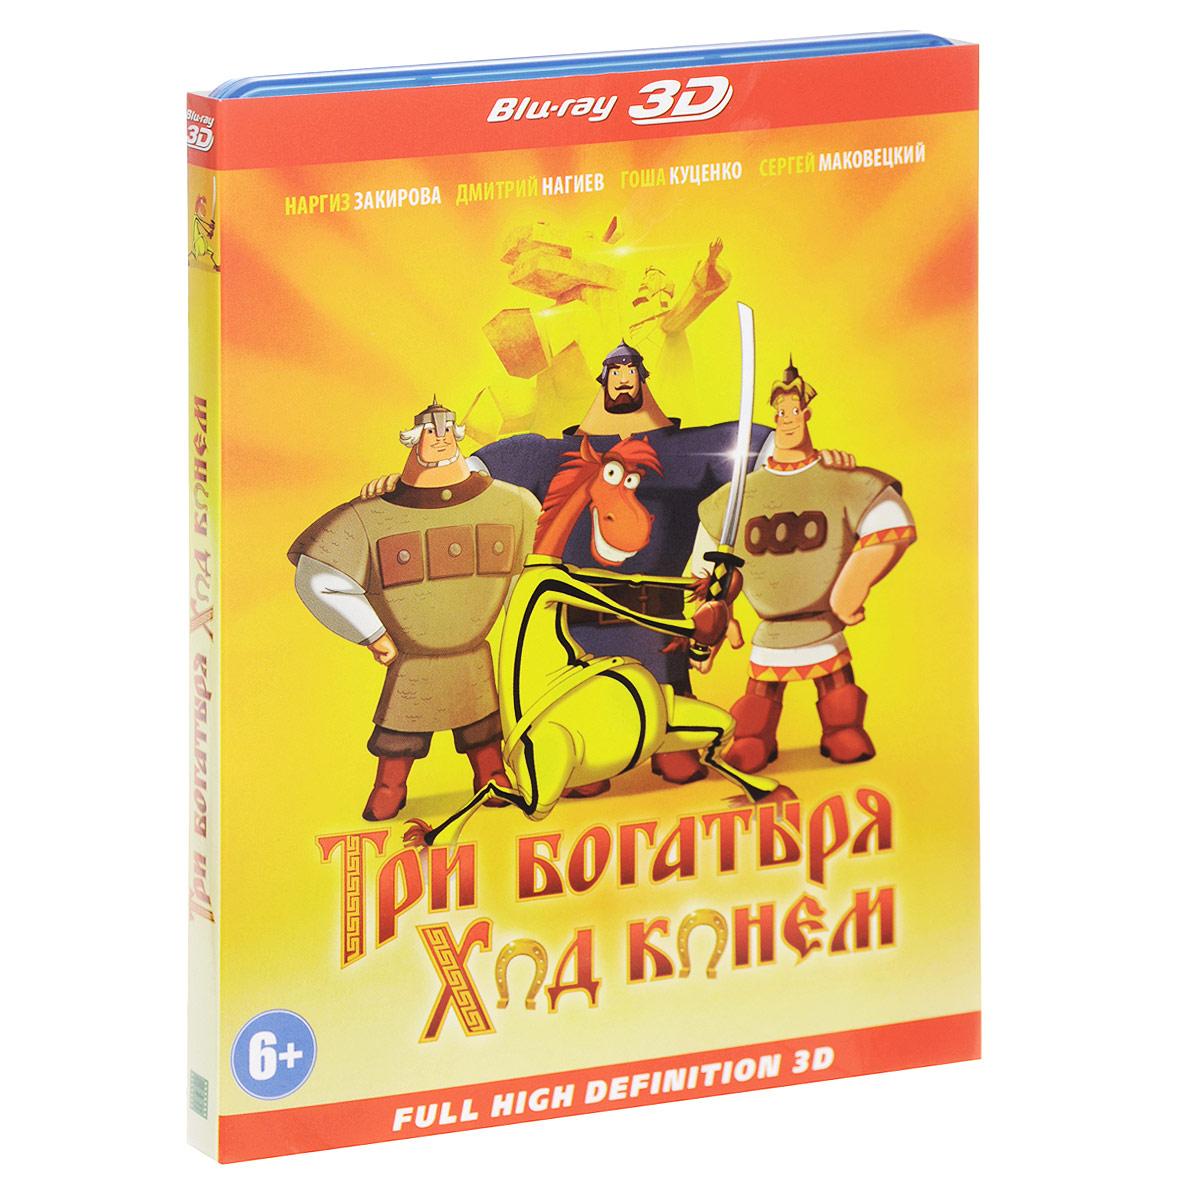 Три богатыря: Ход конем 3D (Blu-ray)